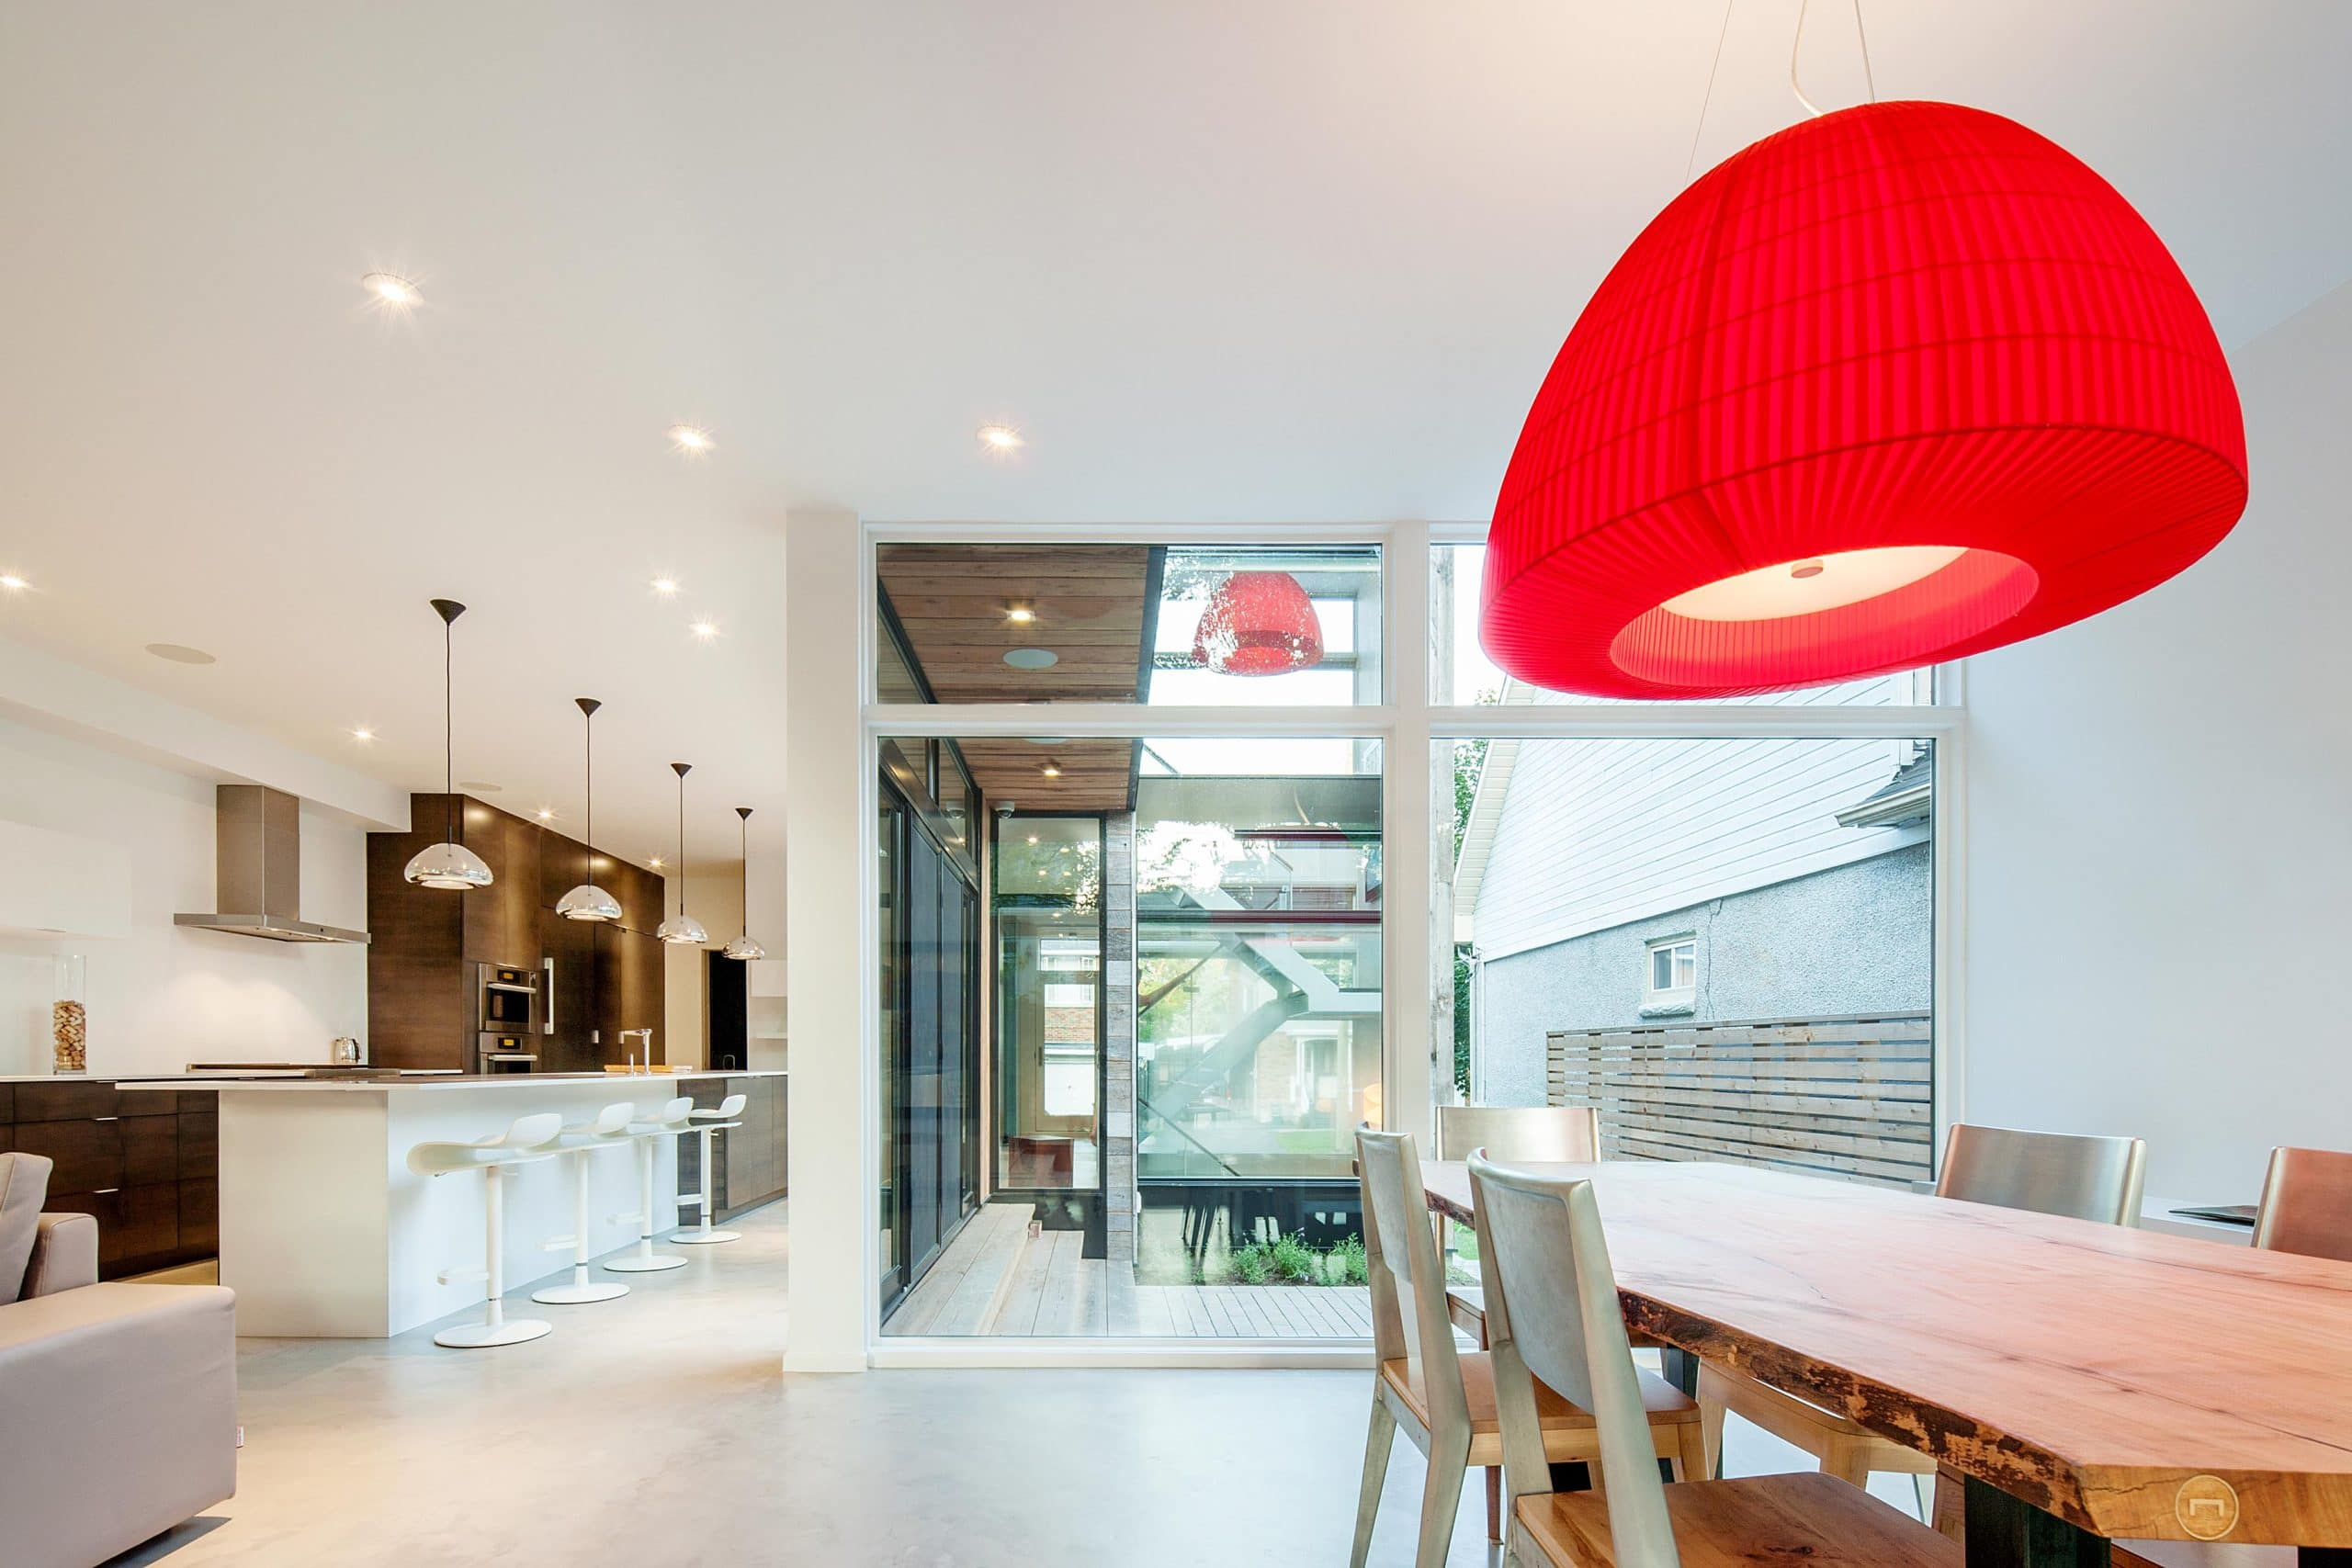 diseo de interiores de cocina comedor moderno con lmpara roja